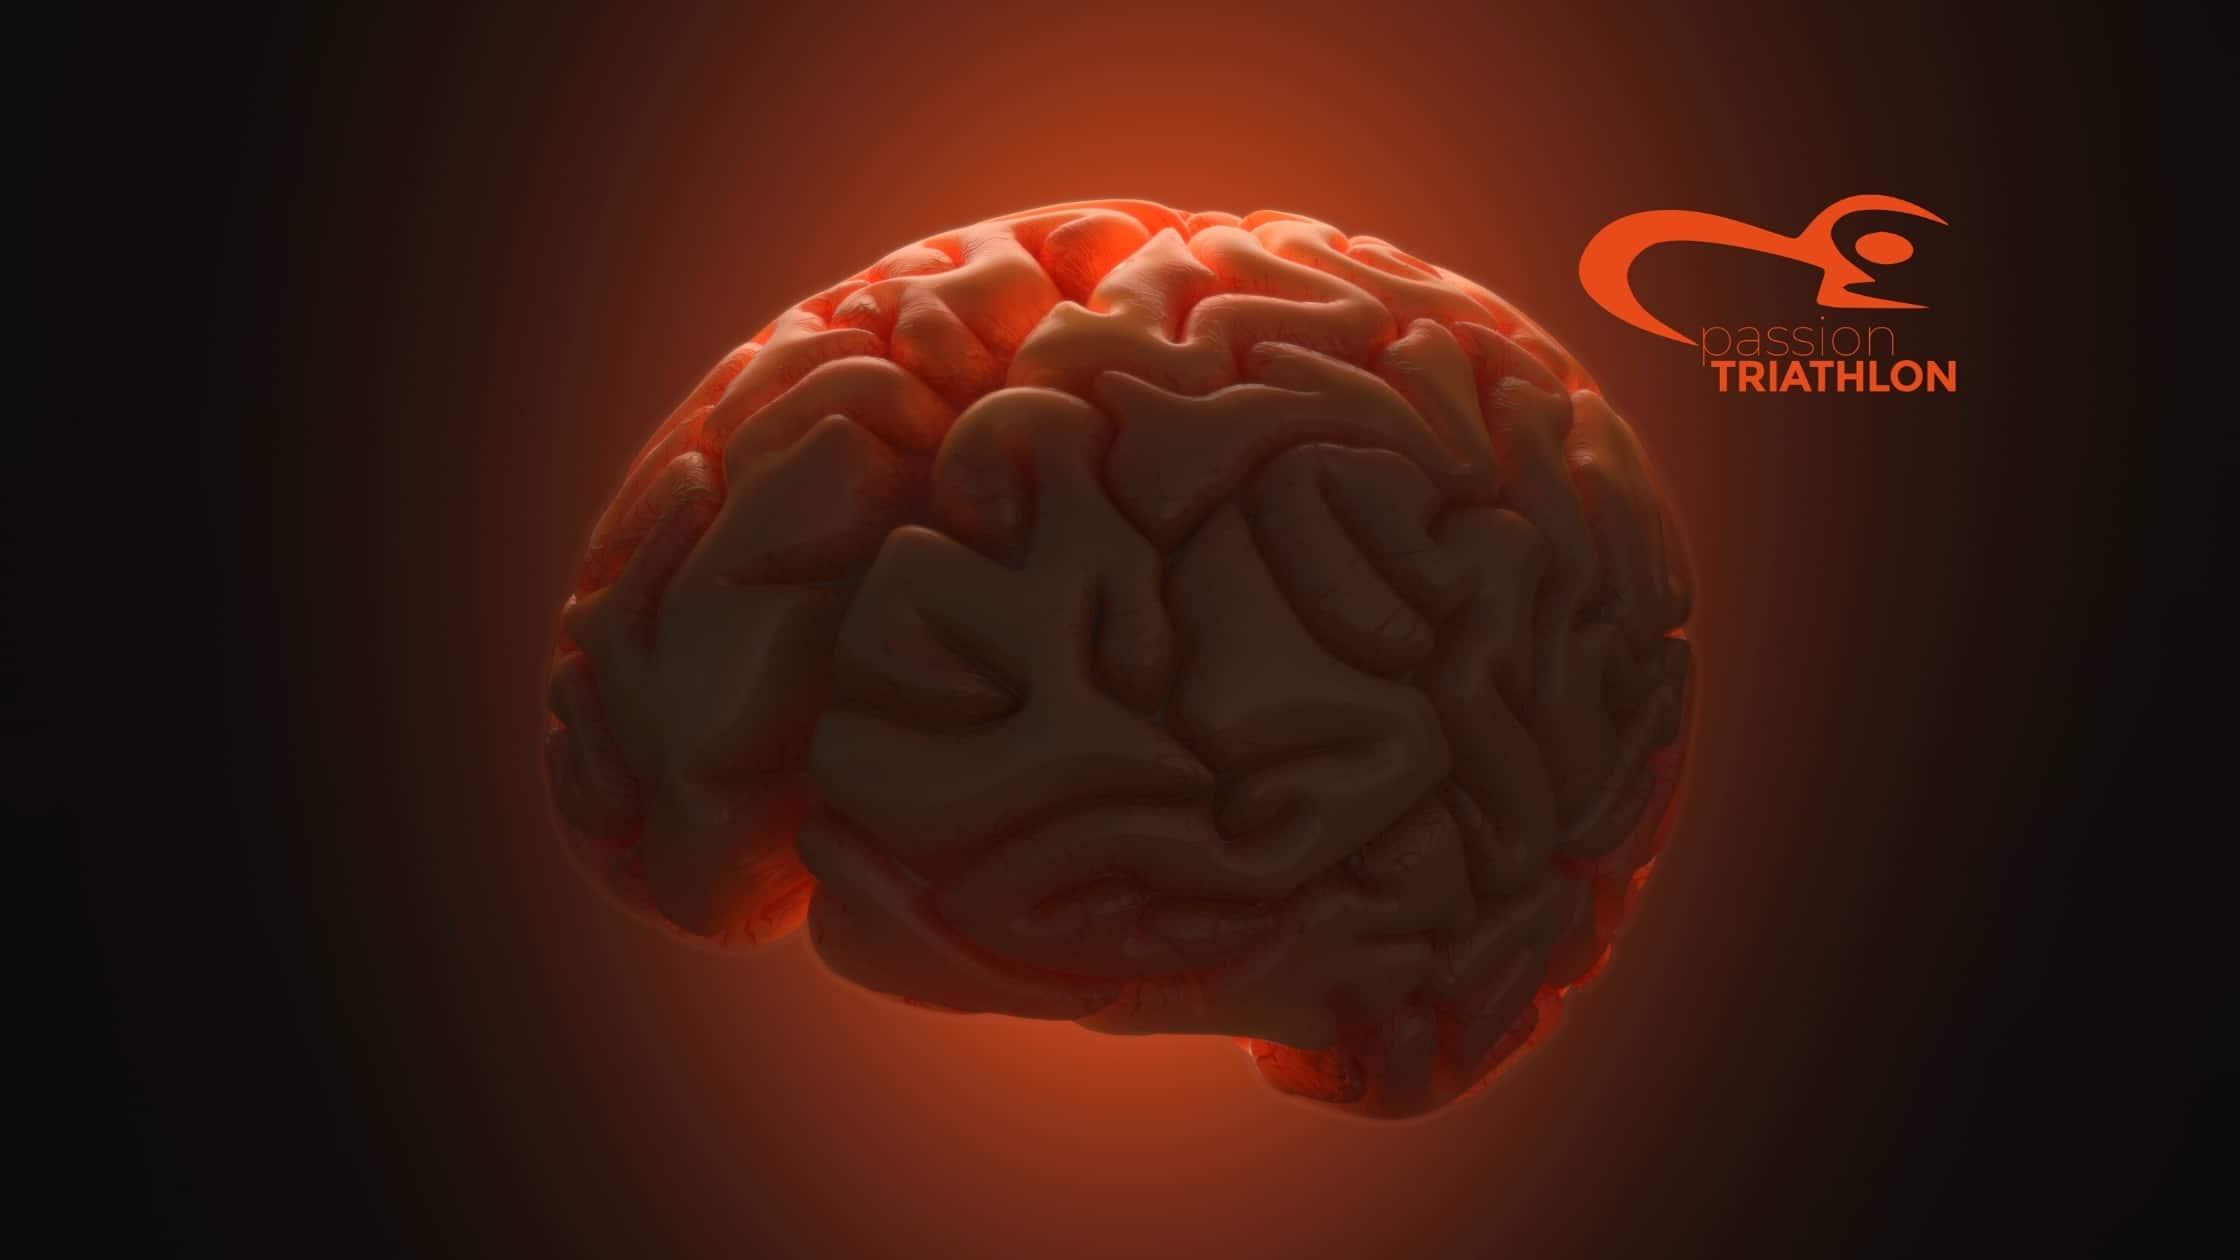 Préparation mentale et triathlon : pourquoi est-ce important pour performer?